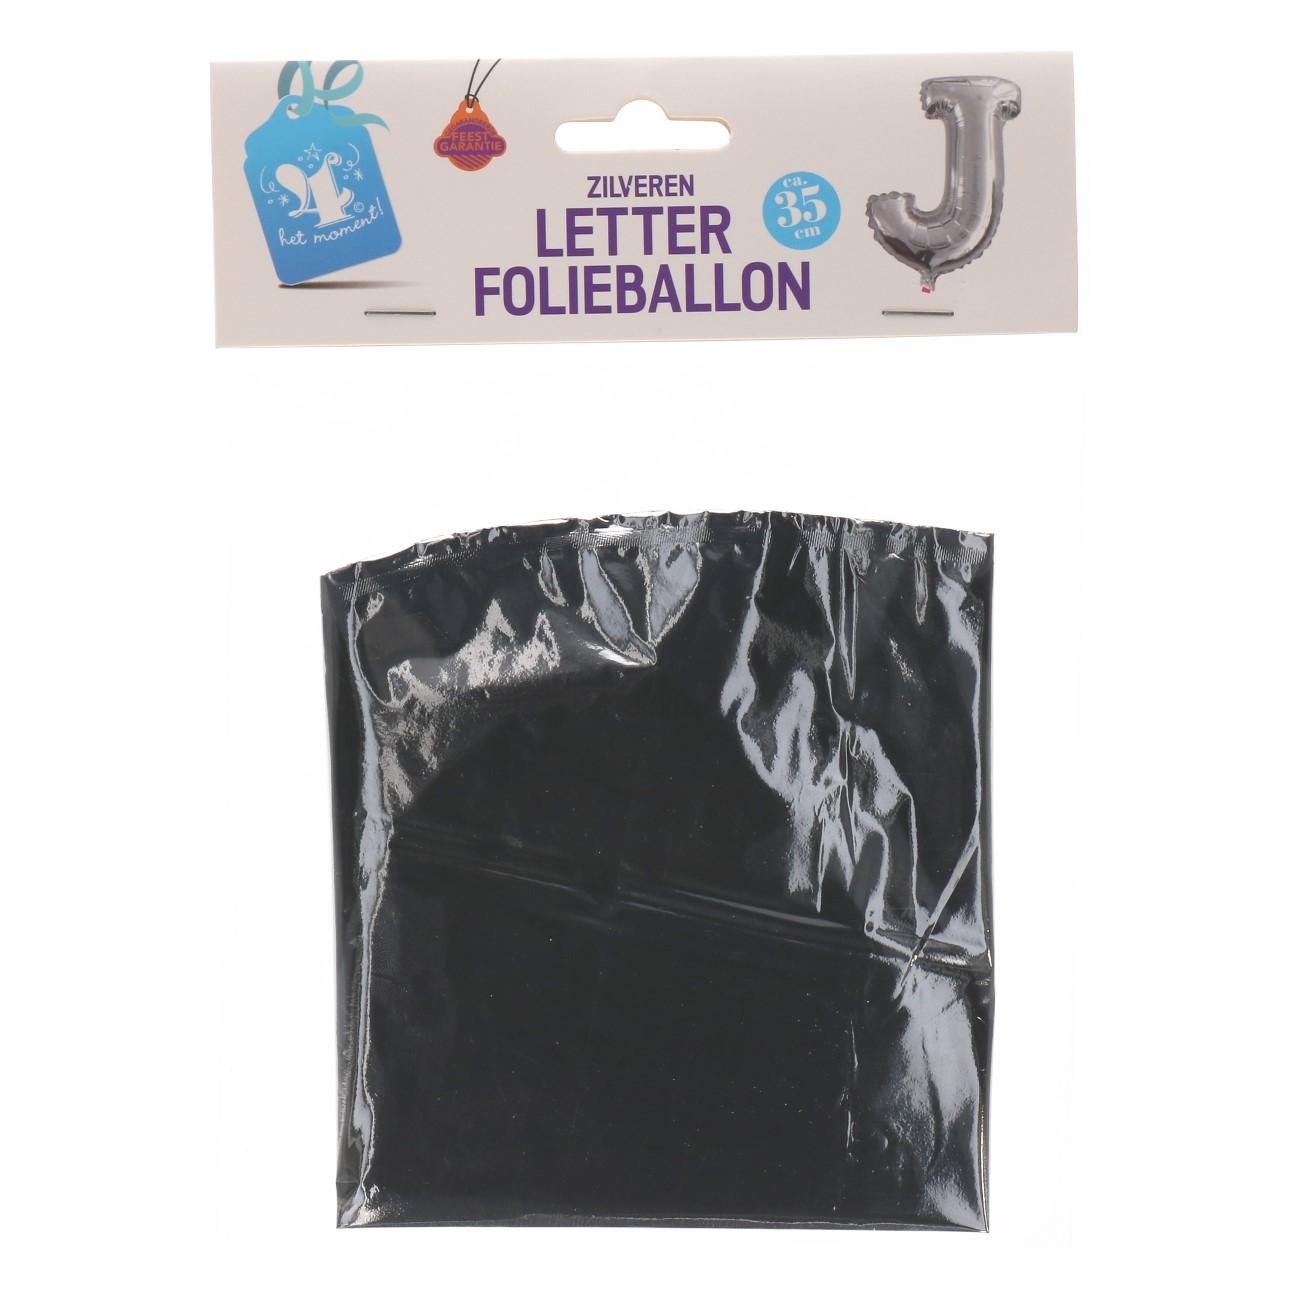 Folieballon letter zilver J